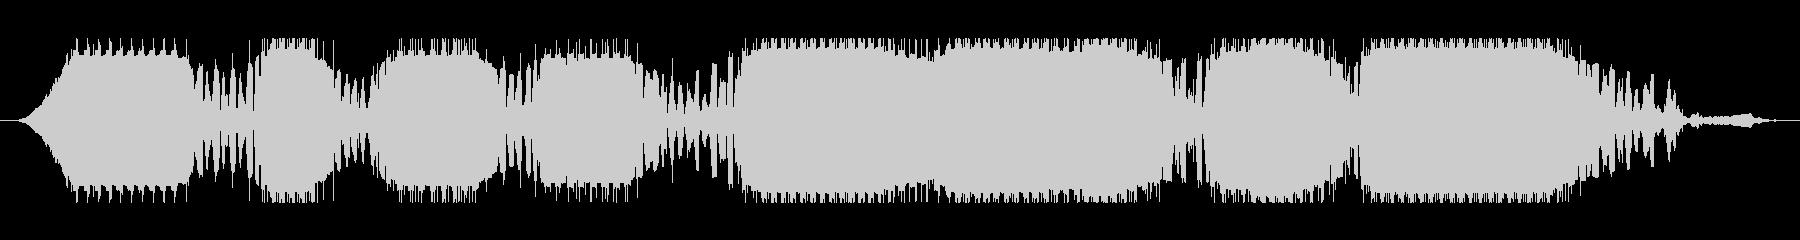 通信ポッド:歪んだ信号の戻り:変動...の未再生の波形